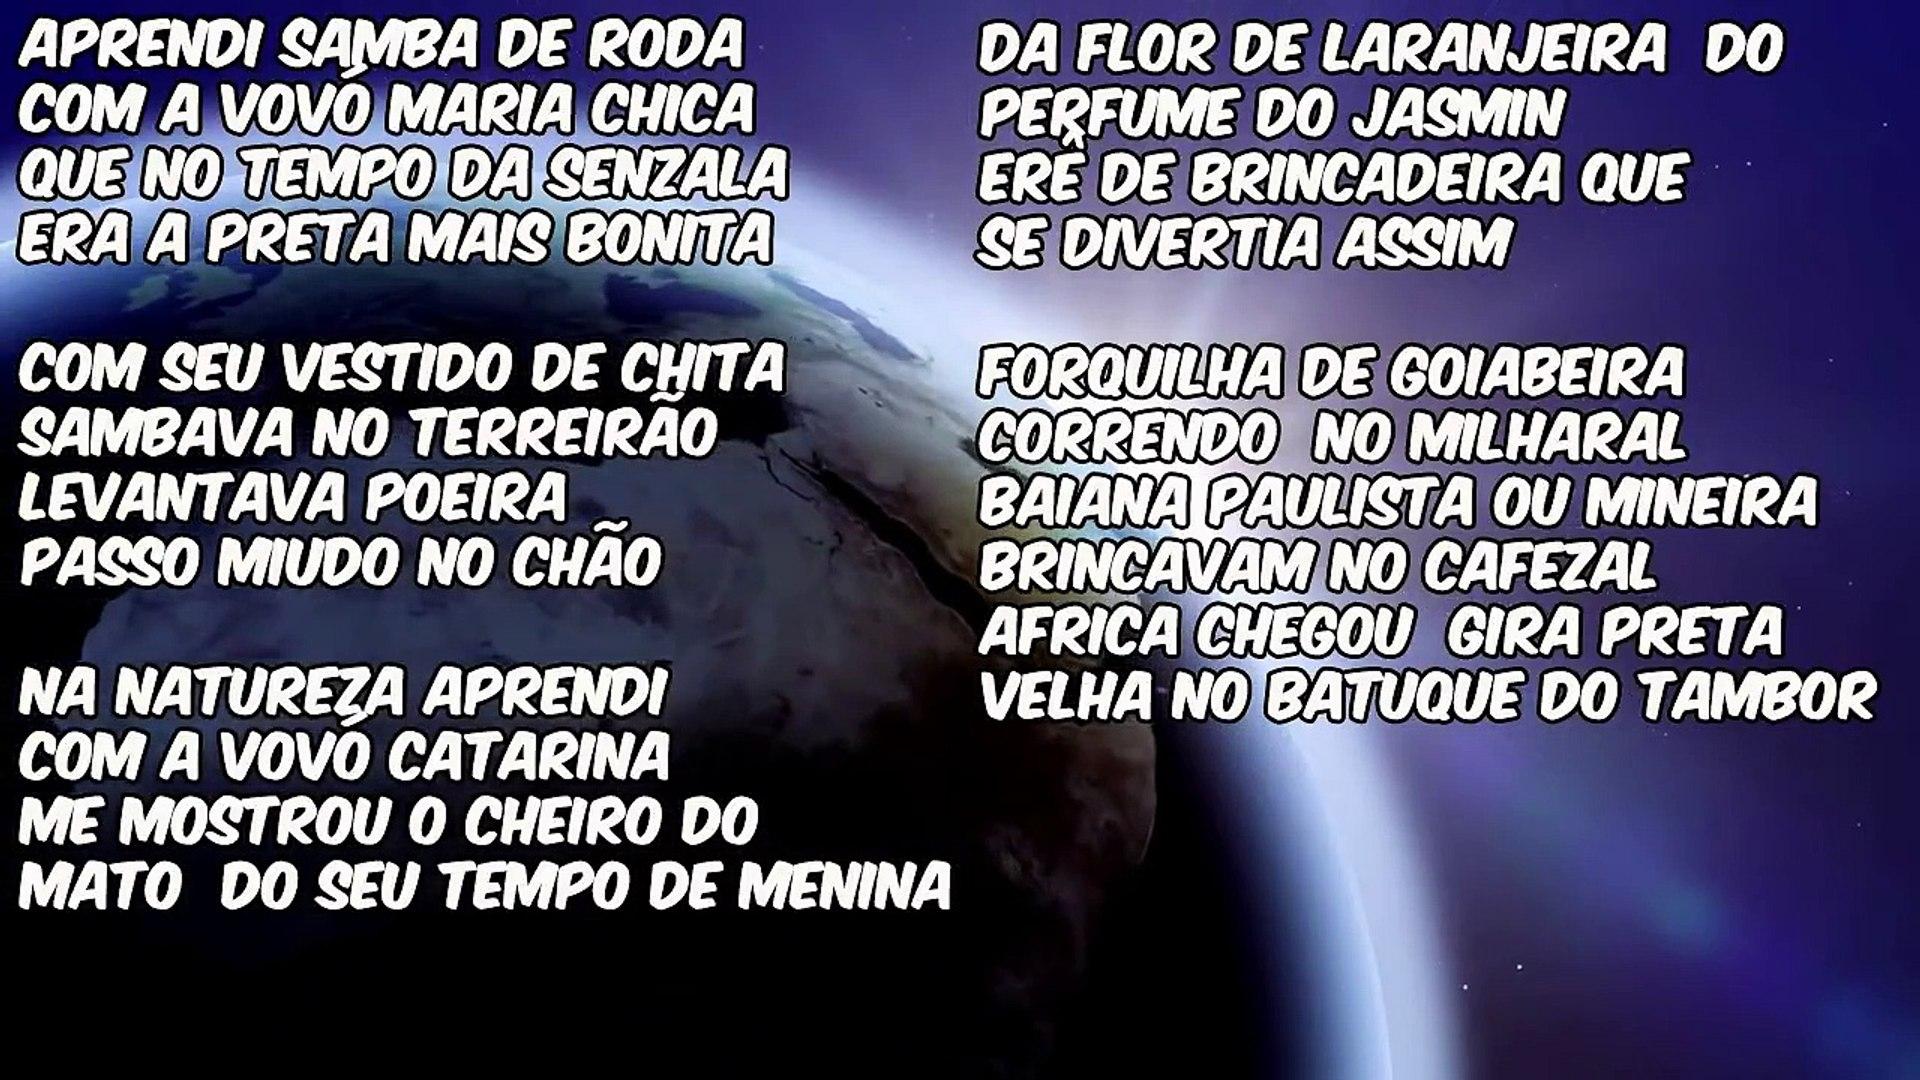 PONTOS DE PRETO VELHO COM LETRA